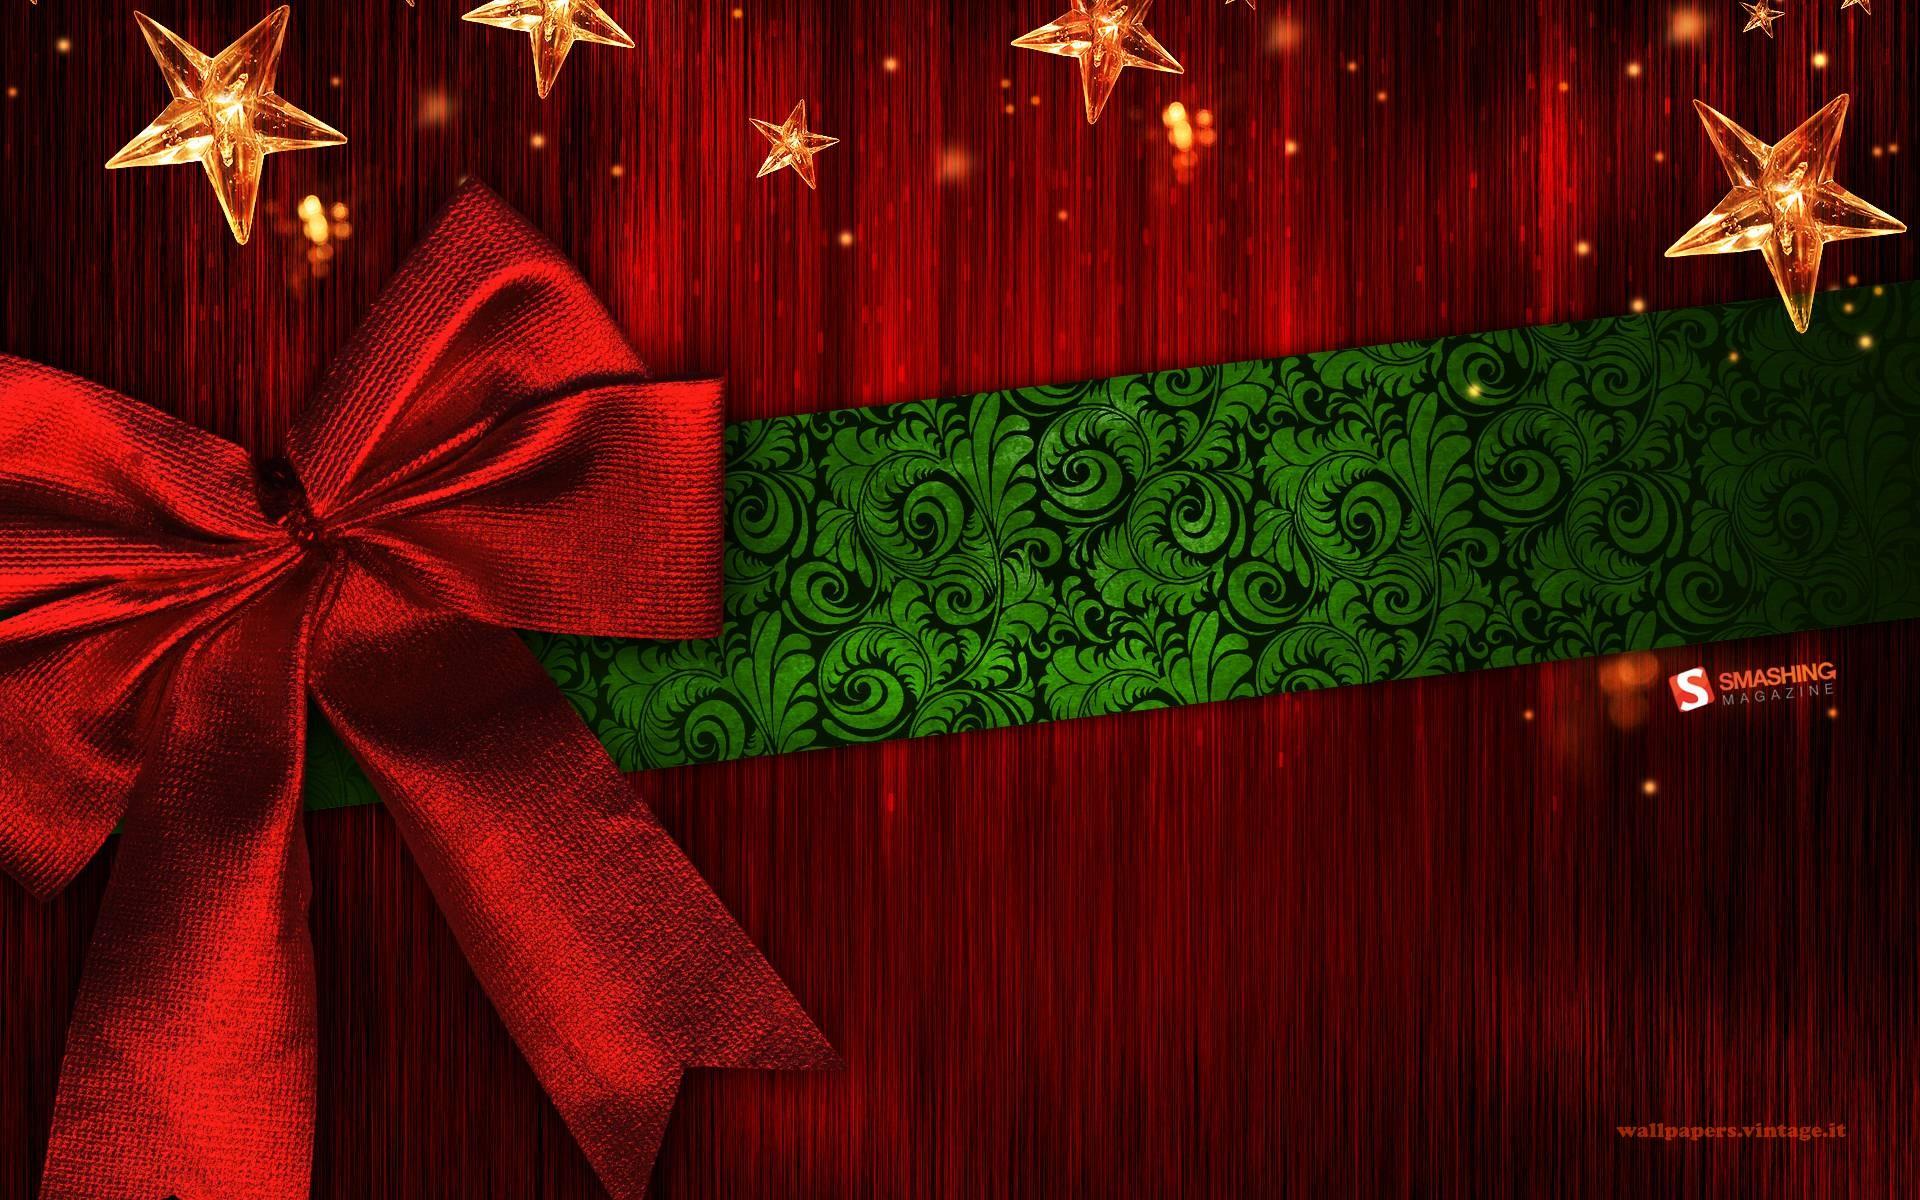 Christmas Red Image 2560x1600